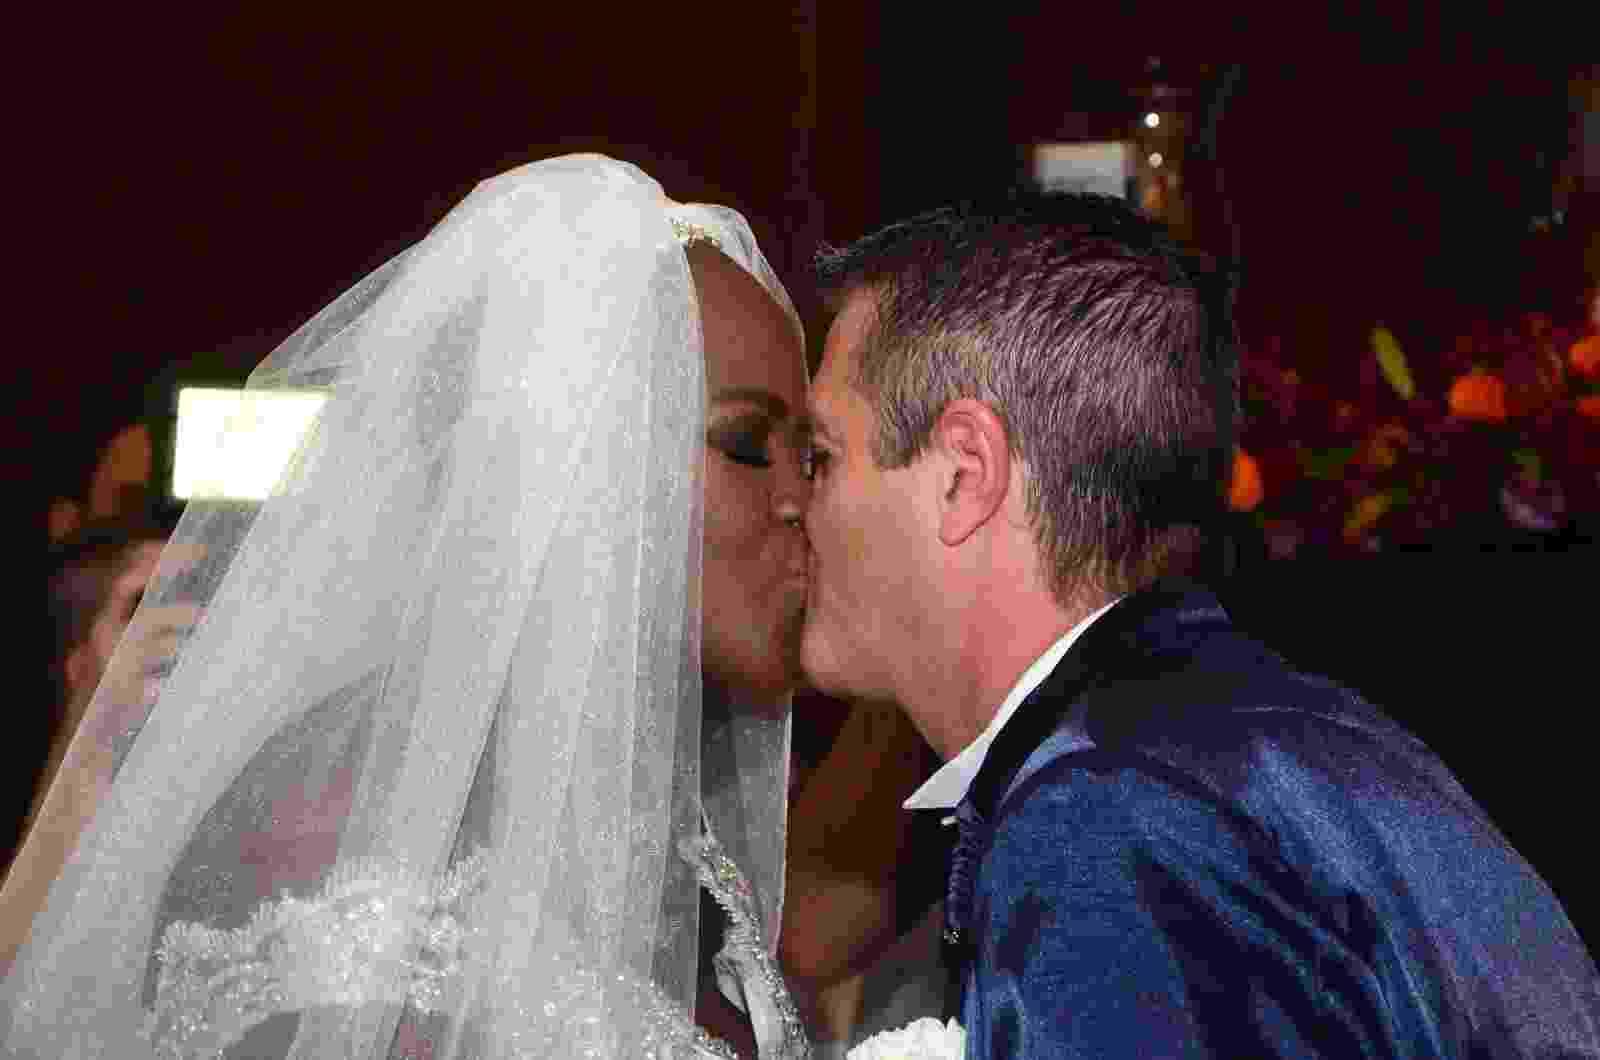 Ex-BBB Angélica Ramos beija o noivo, o empresário francês Laurent Mougeot, durante cerimônia de casamento avaliada em R$ 200 mil - Eduardo Martins/AgNews